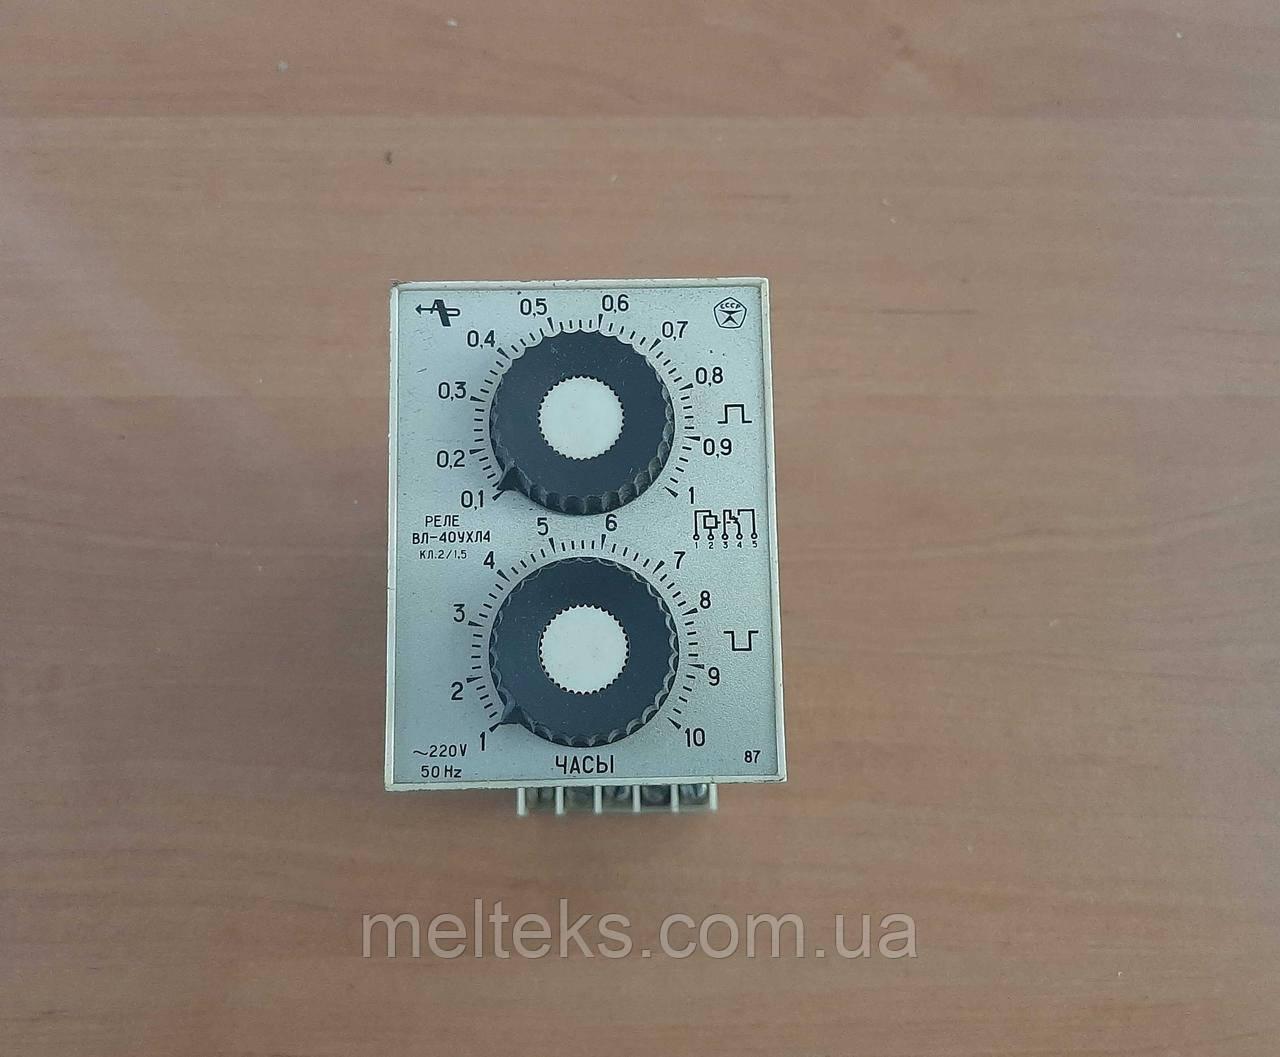 Реле ВЛ-40 (0,1-1) и (1-10) часы